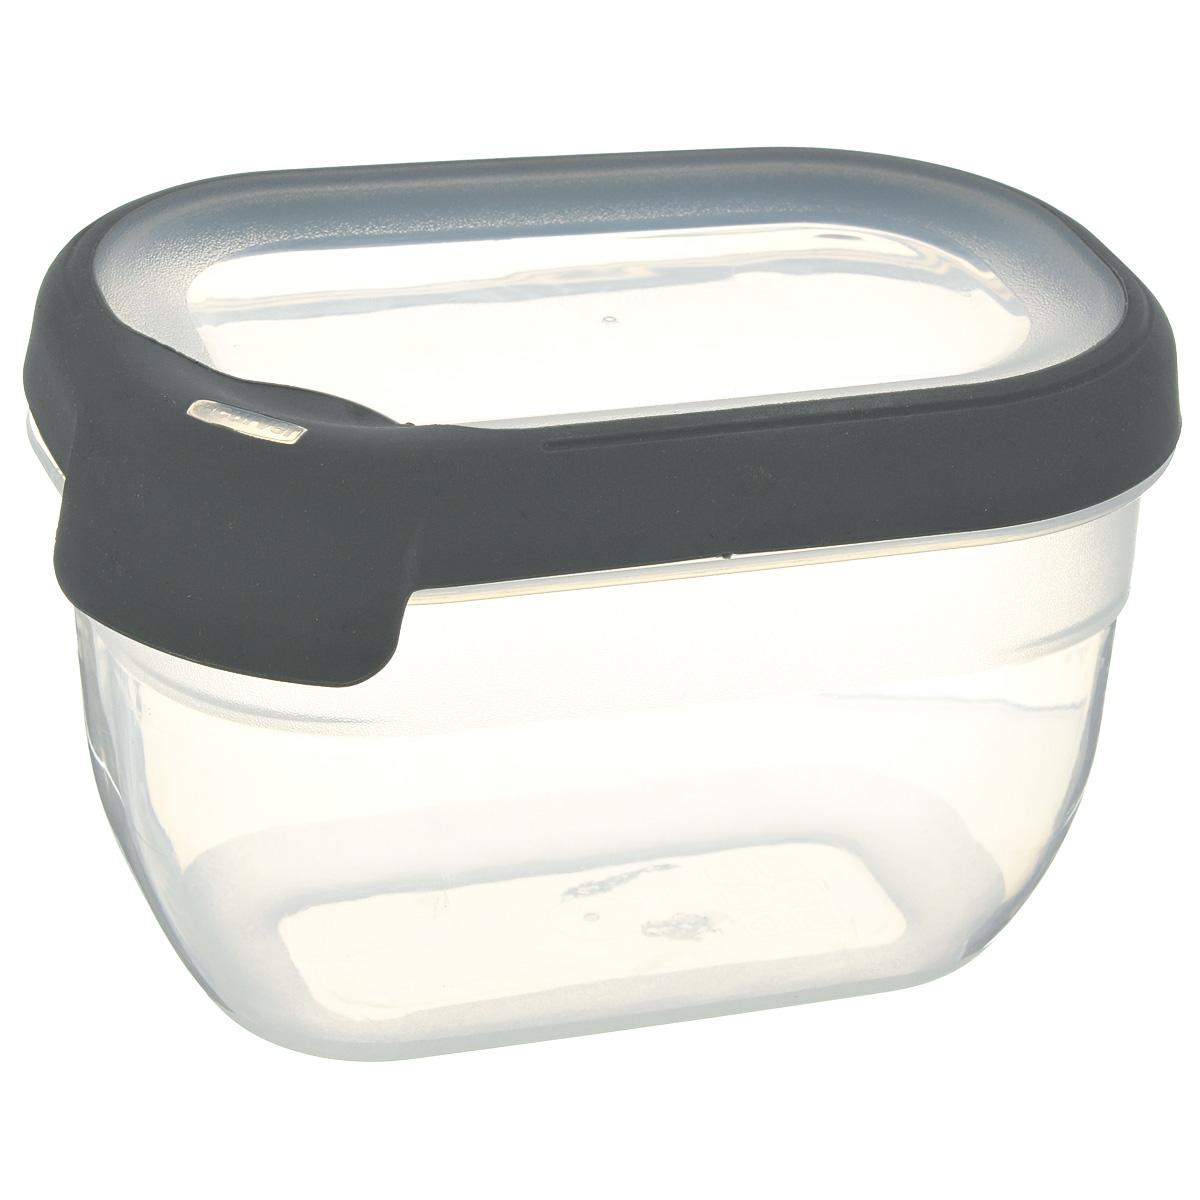 Емкость для заморозки и СВЧ Curver Grand Chef, цвет: серый, 0,75 л00008-673-04Прямоугольная емкость для заморозки и СВЧ Grand Chef изготовлена из высококачественного пищевого пластика (BPA free), который выдерживает температуру от -40°С до +100°С. Стенки емкости и крышка прозрачные. Крышка по краю оснащена силиконовой вставкой, благодаря которой плотно и герметично закрывается, дольше сохраняя продукты свежими и вкусными. Емкость удобно брать с собой на работу, учебу, пикник или просто использовать для хранения пищи в холодильнике. Можно использовать в микроволновой печи и для заморозки в морозильной камере. Можно мыть в посудомоечной машине.